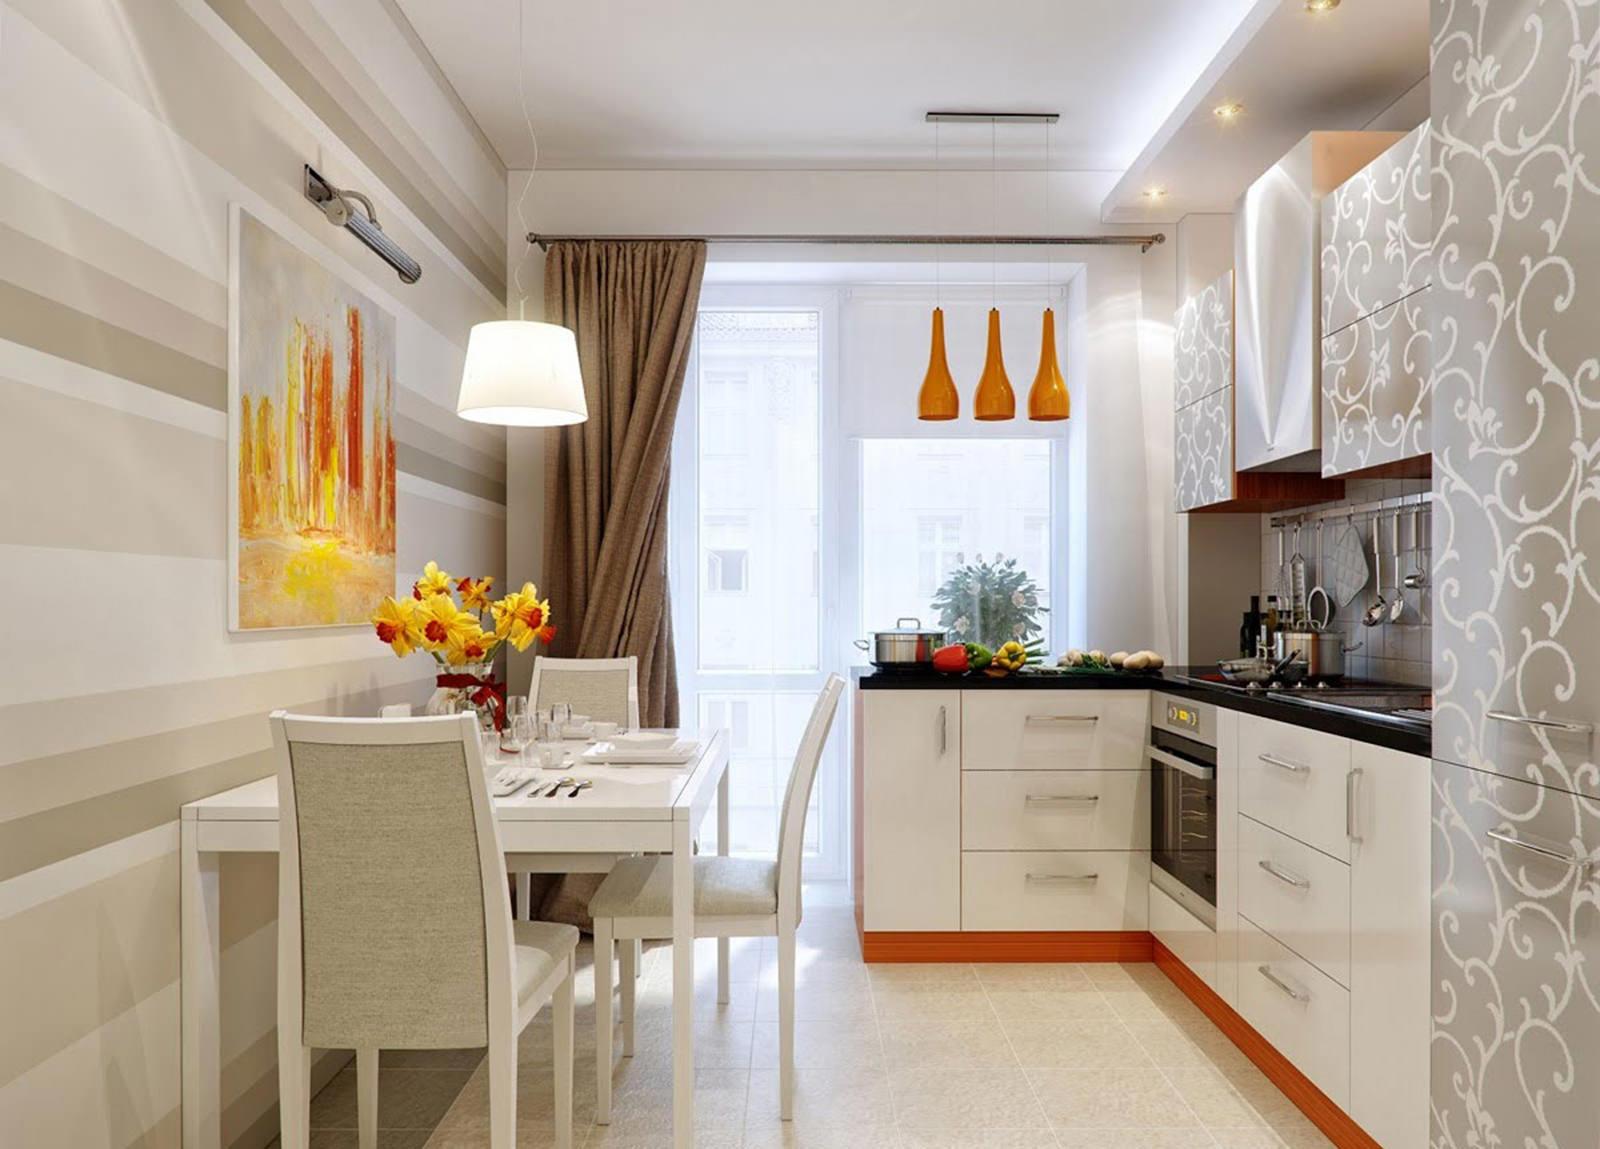 Кухни угловые, большой каталог угловых кухонь, дизайн ...